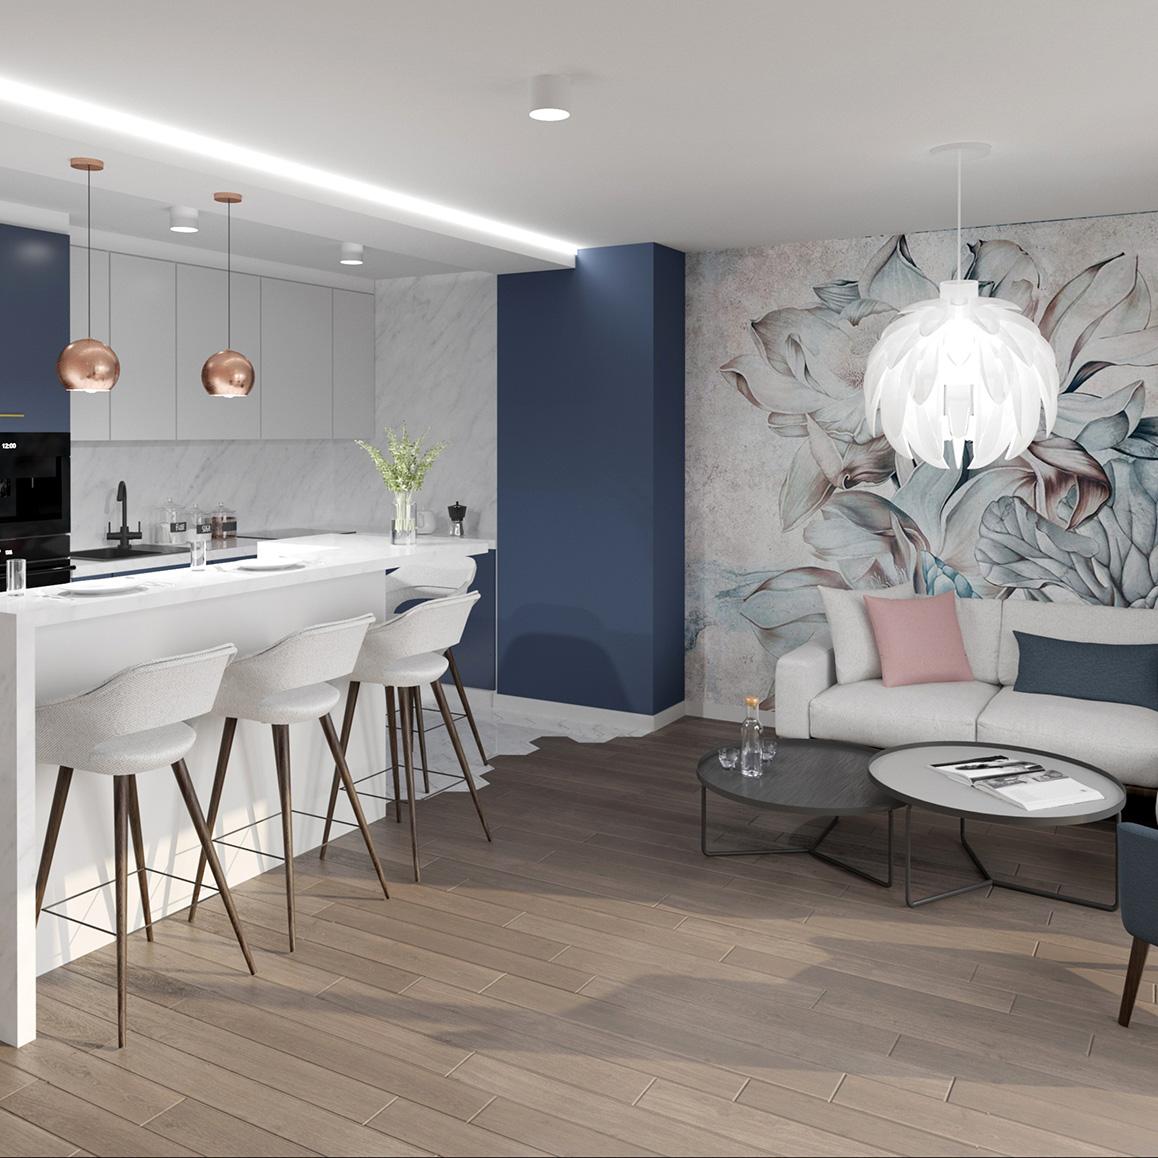 Projekt wnętrz mieszkania, budynek wielorodzinny - styl nowoczesny, pokój dzienny, salon z kuchnią. M2 Architektura Katowice - Pracownia Projektowa Katowice